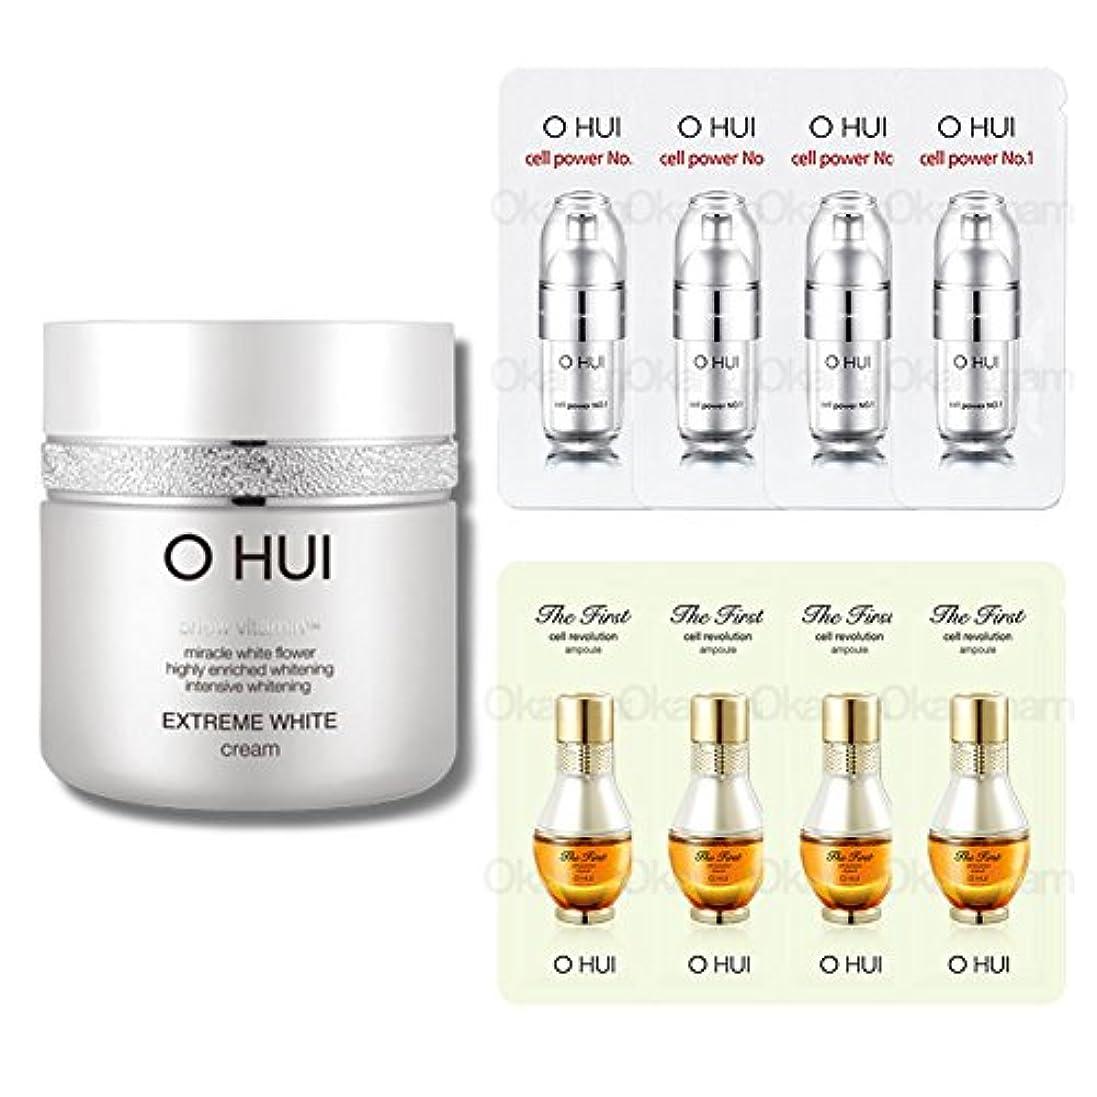 機密堀心理的[オフィ/ O HUI]韓国化粧品 LG生活健康/ OHUI OEW04 EXTREME WHITE CREAM/オフィ エクストリーム ホワイトクリーム 50ml +[Sample Gift](海外直送品)